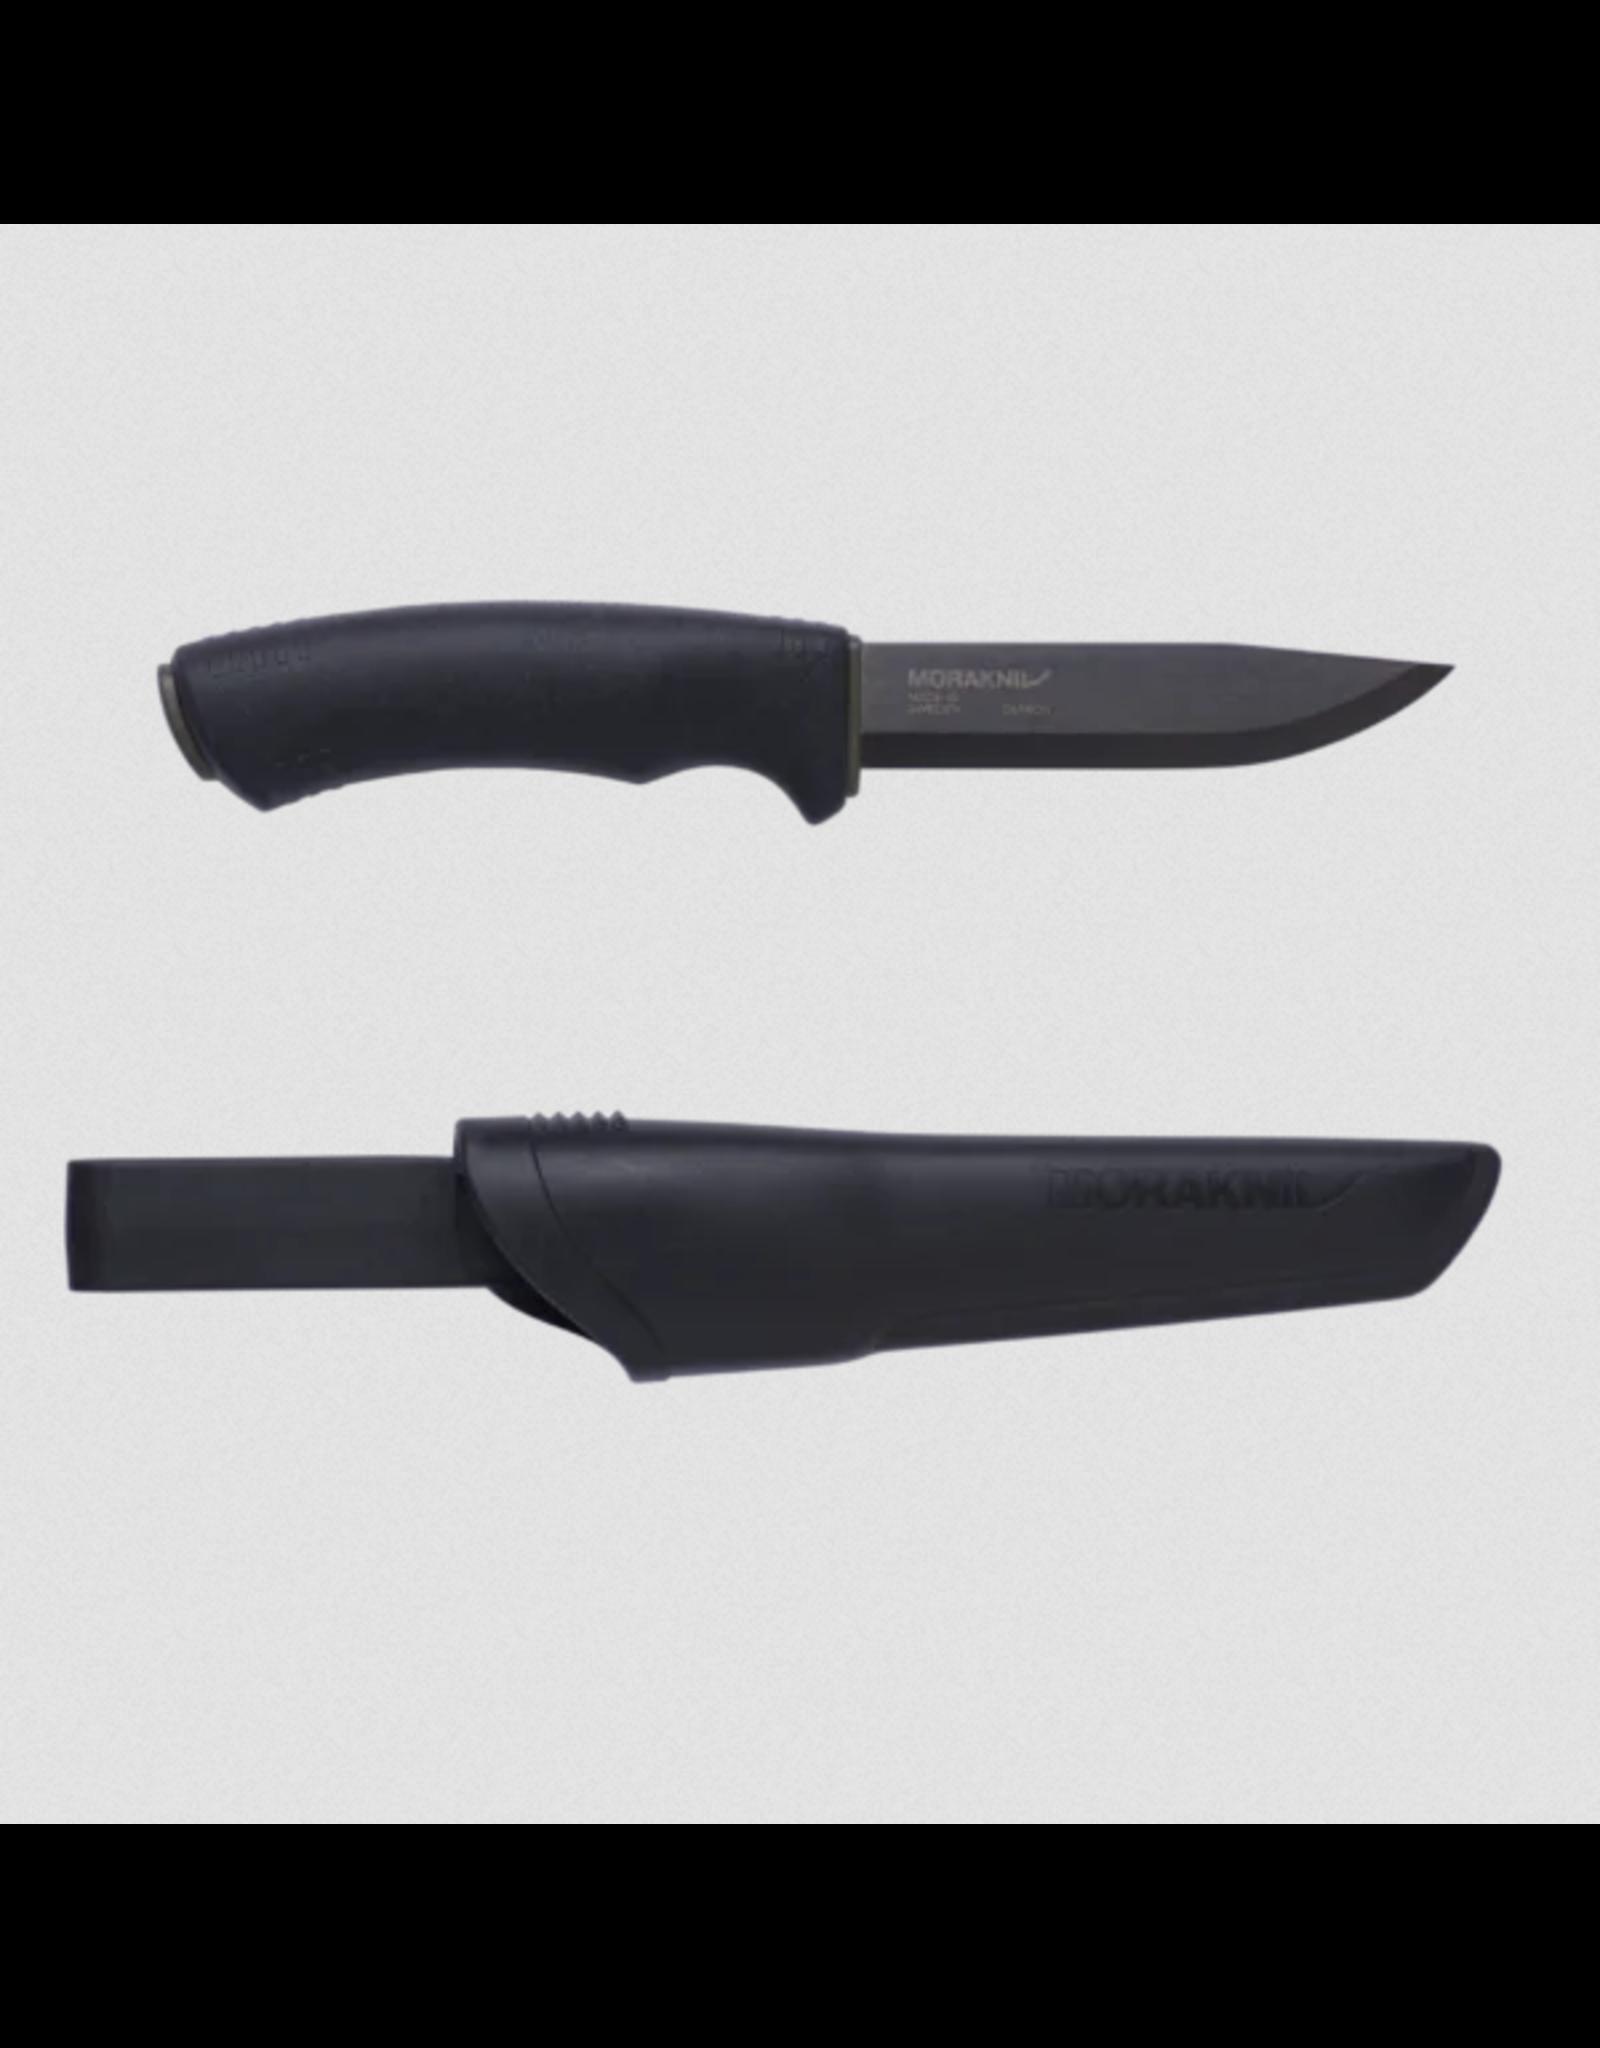 Morakniv Morakniv Bushcraft Knife: Black